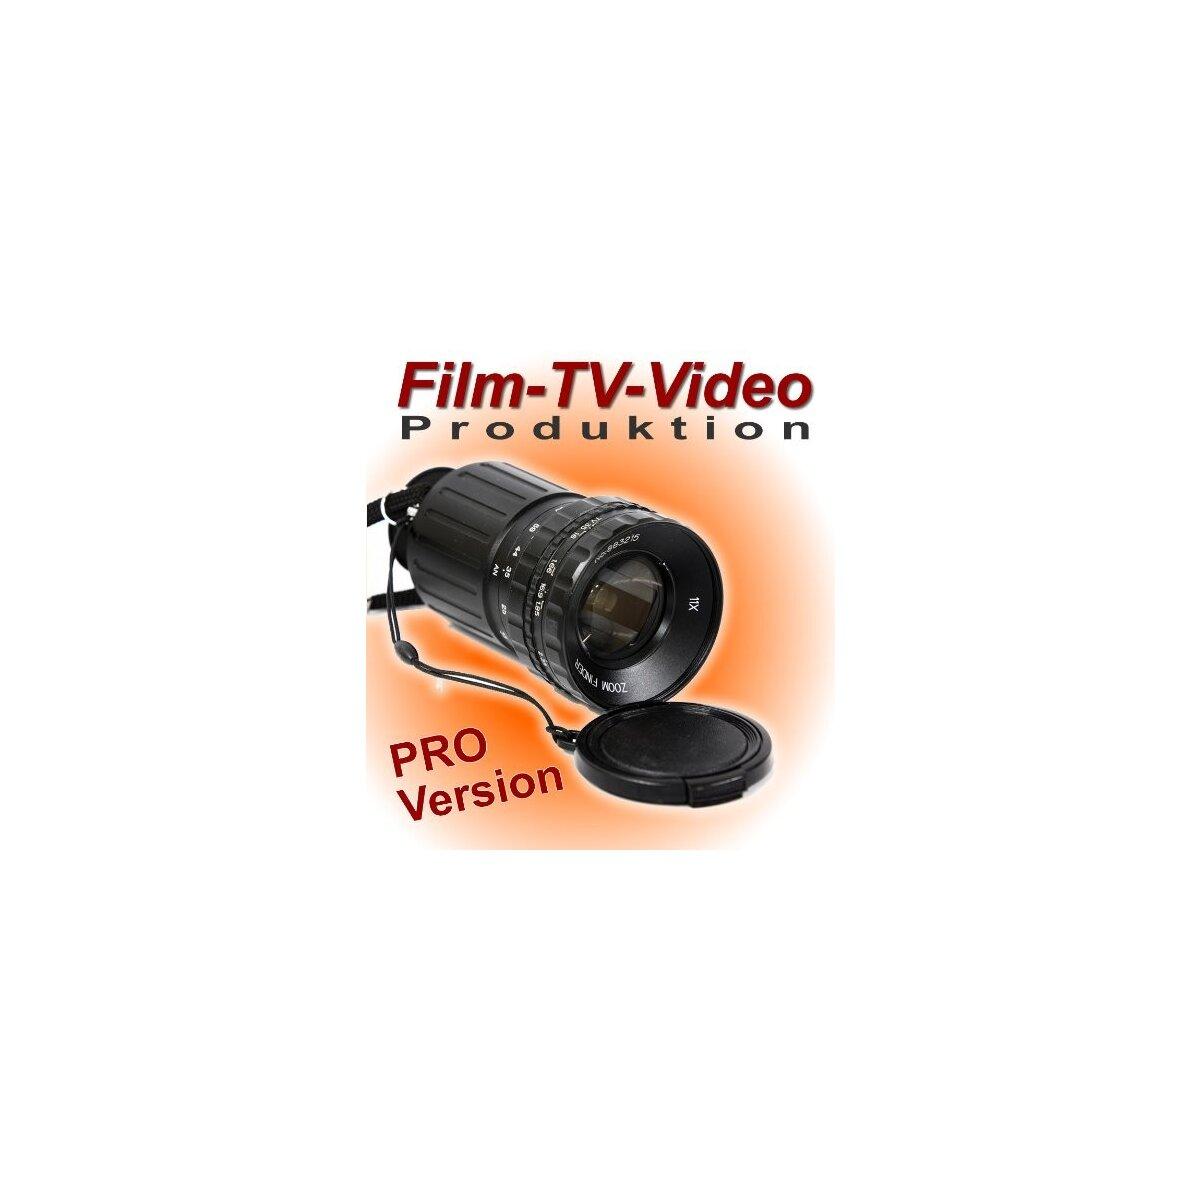 Pro Version Zoomfinder Motivsucher für Regie & Foto - Directors Viewfinder für Film- TV - und Videoproduktion